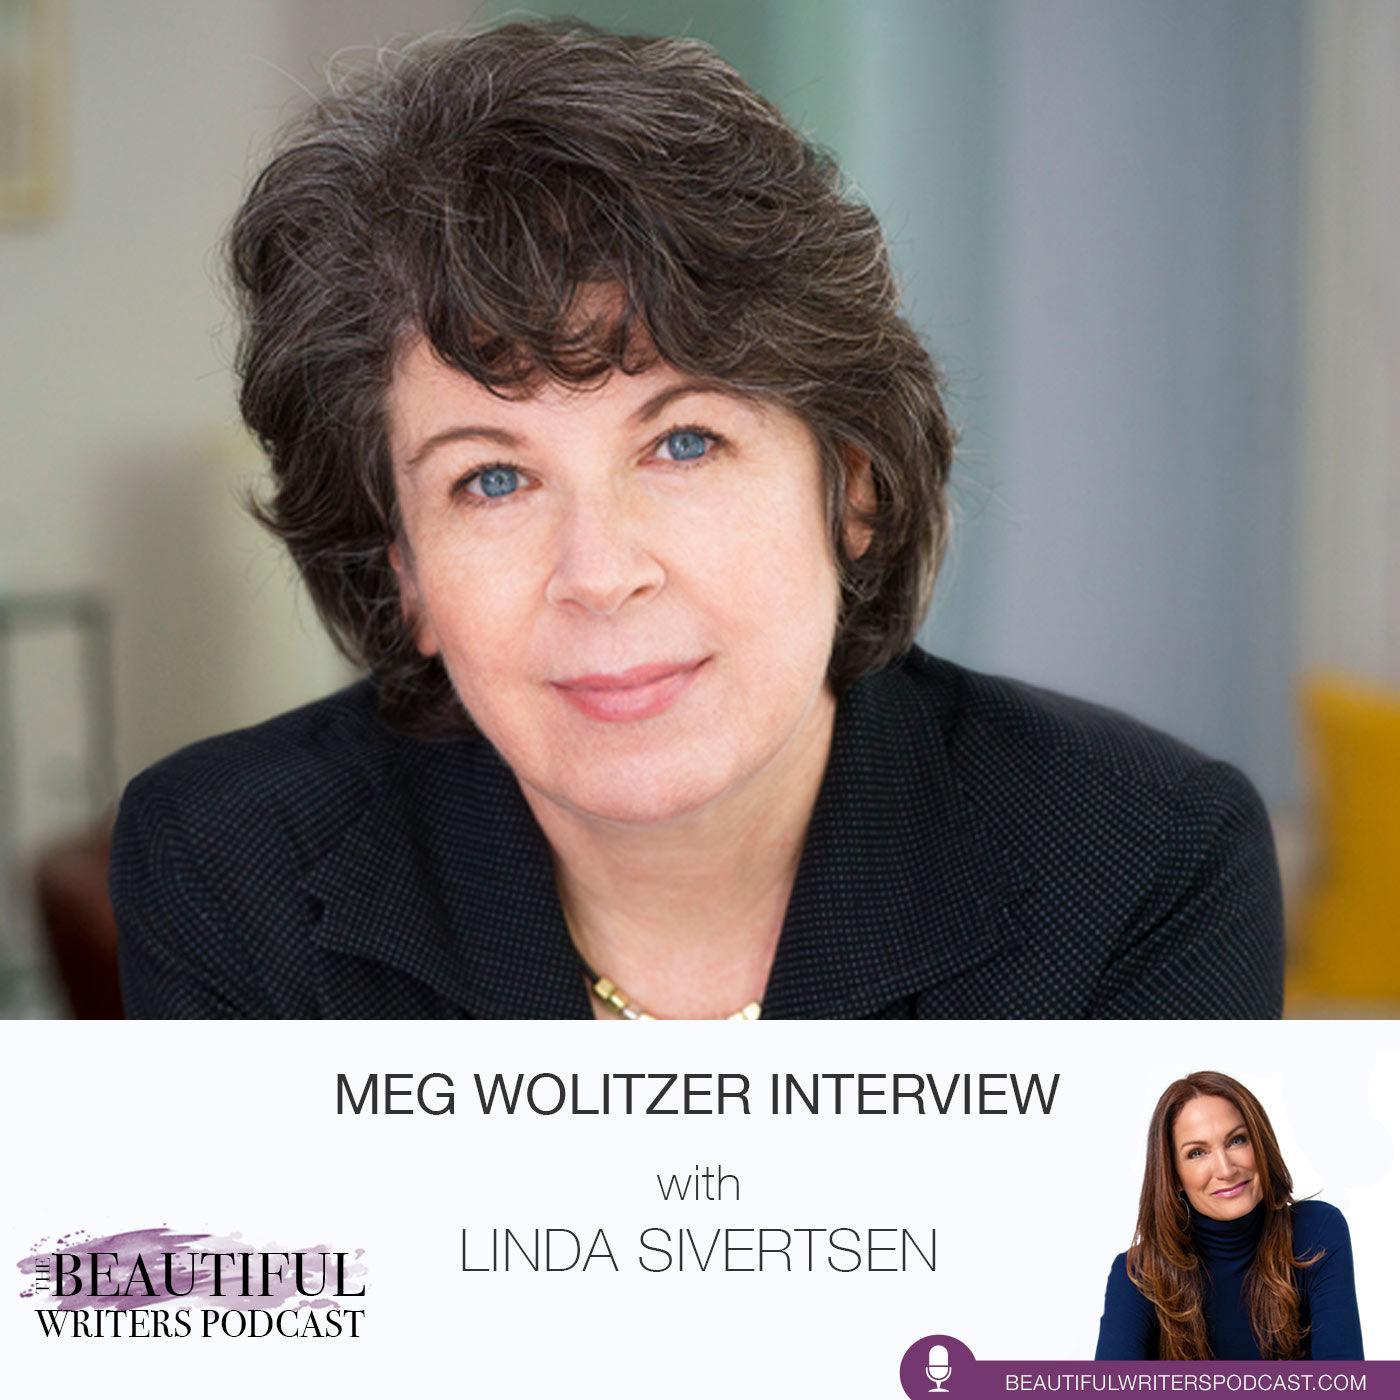 Meg Wolitzer: Blockbuster Novelist